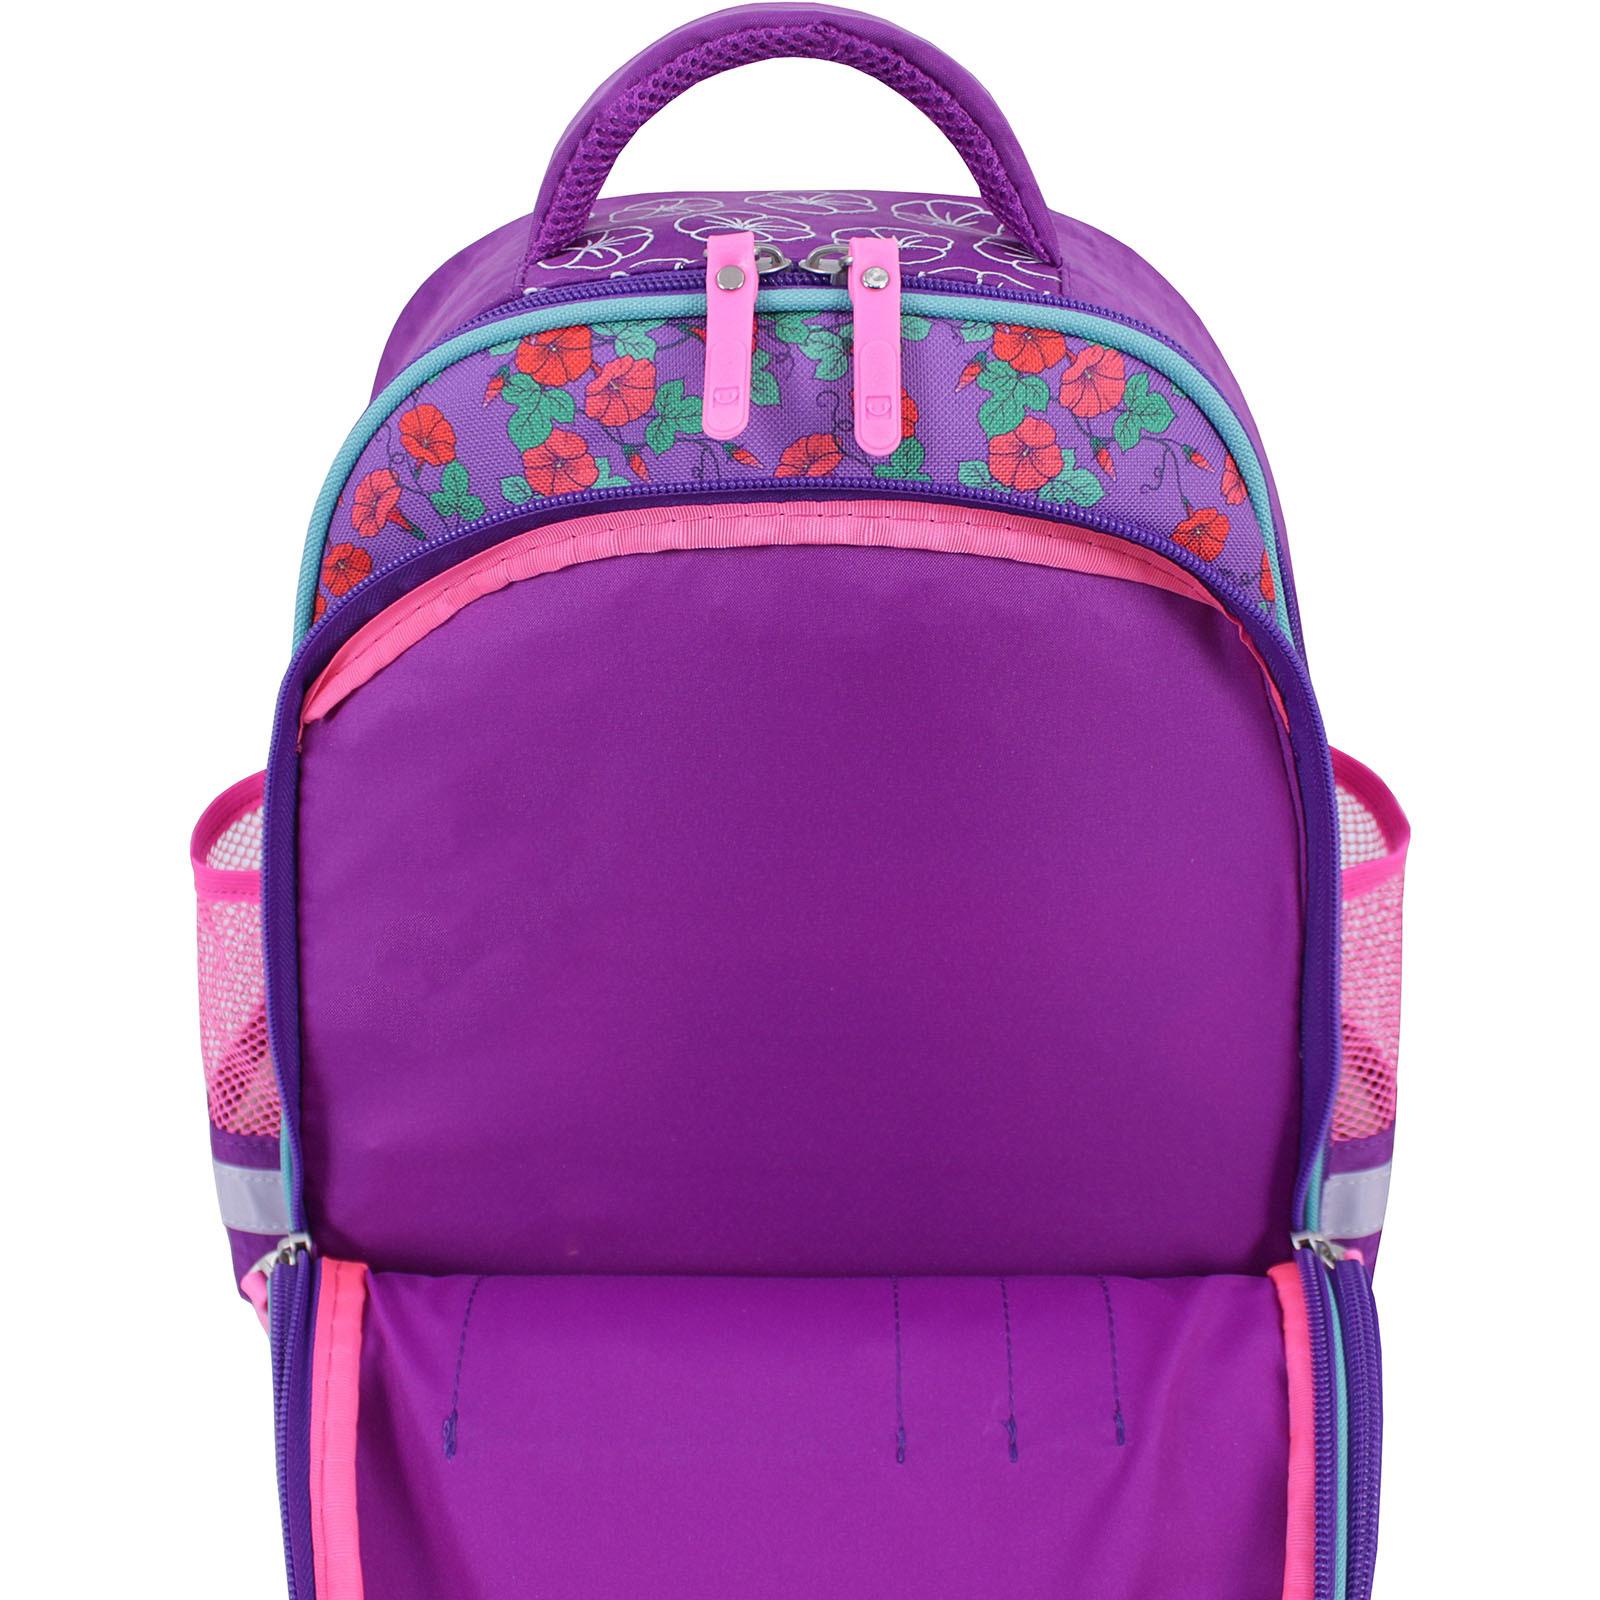 Рюкзак школьный Bagland Mouse 143 фиолетовый 498 (0051370) фото 5